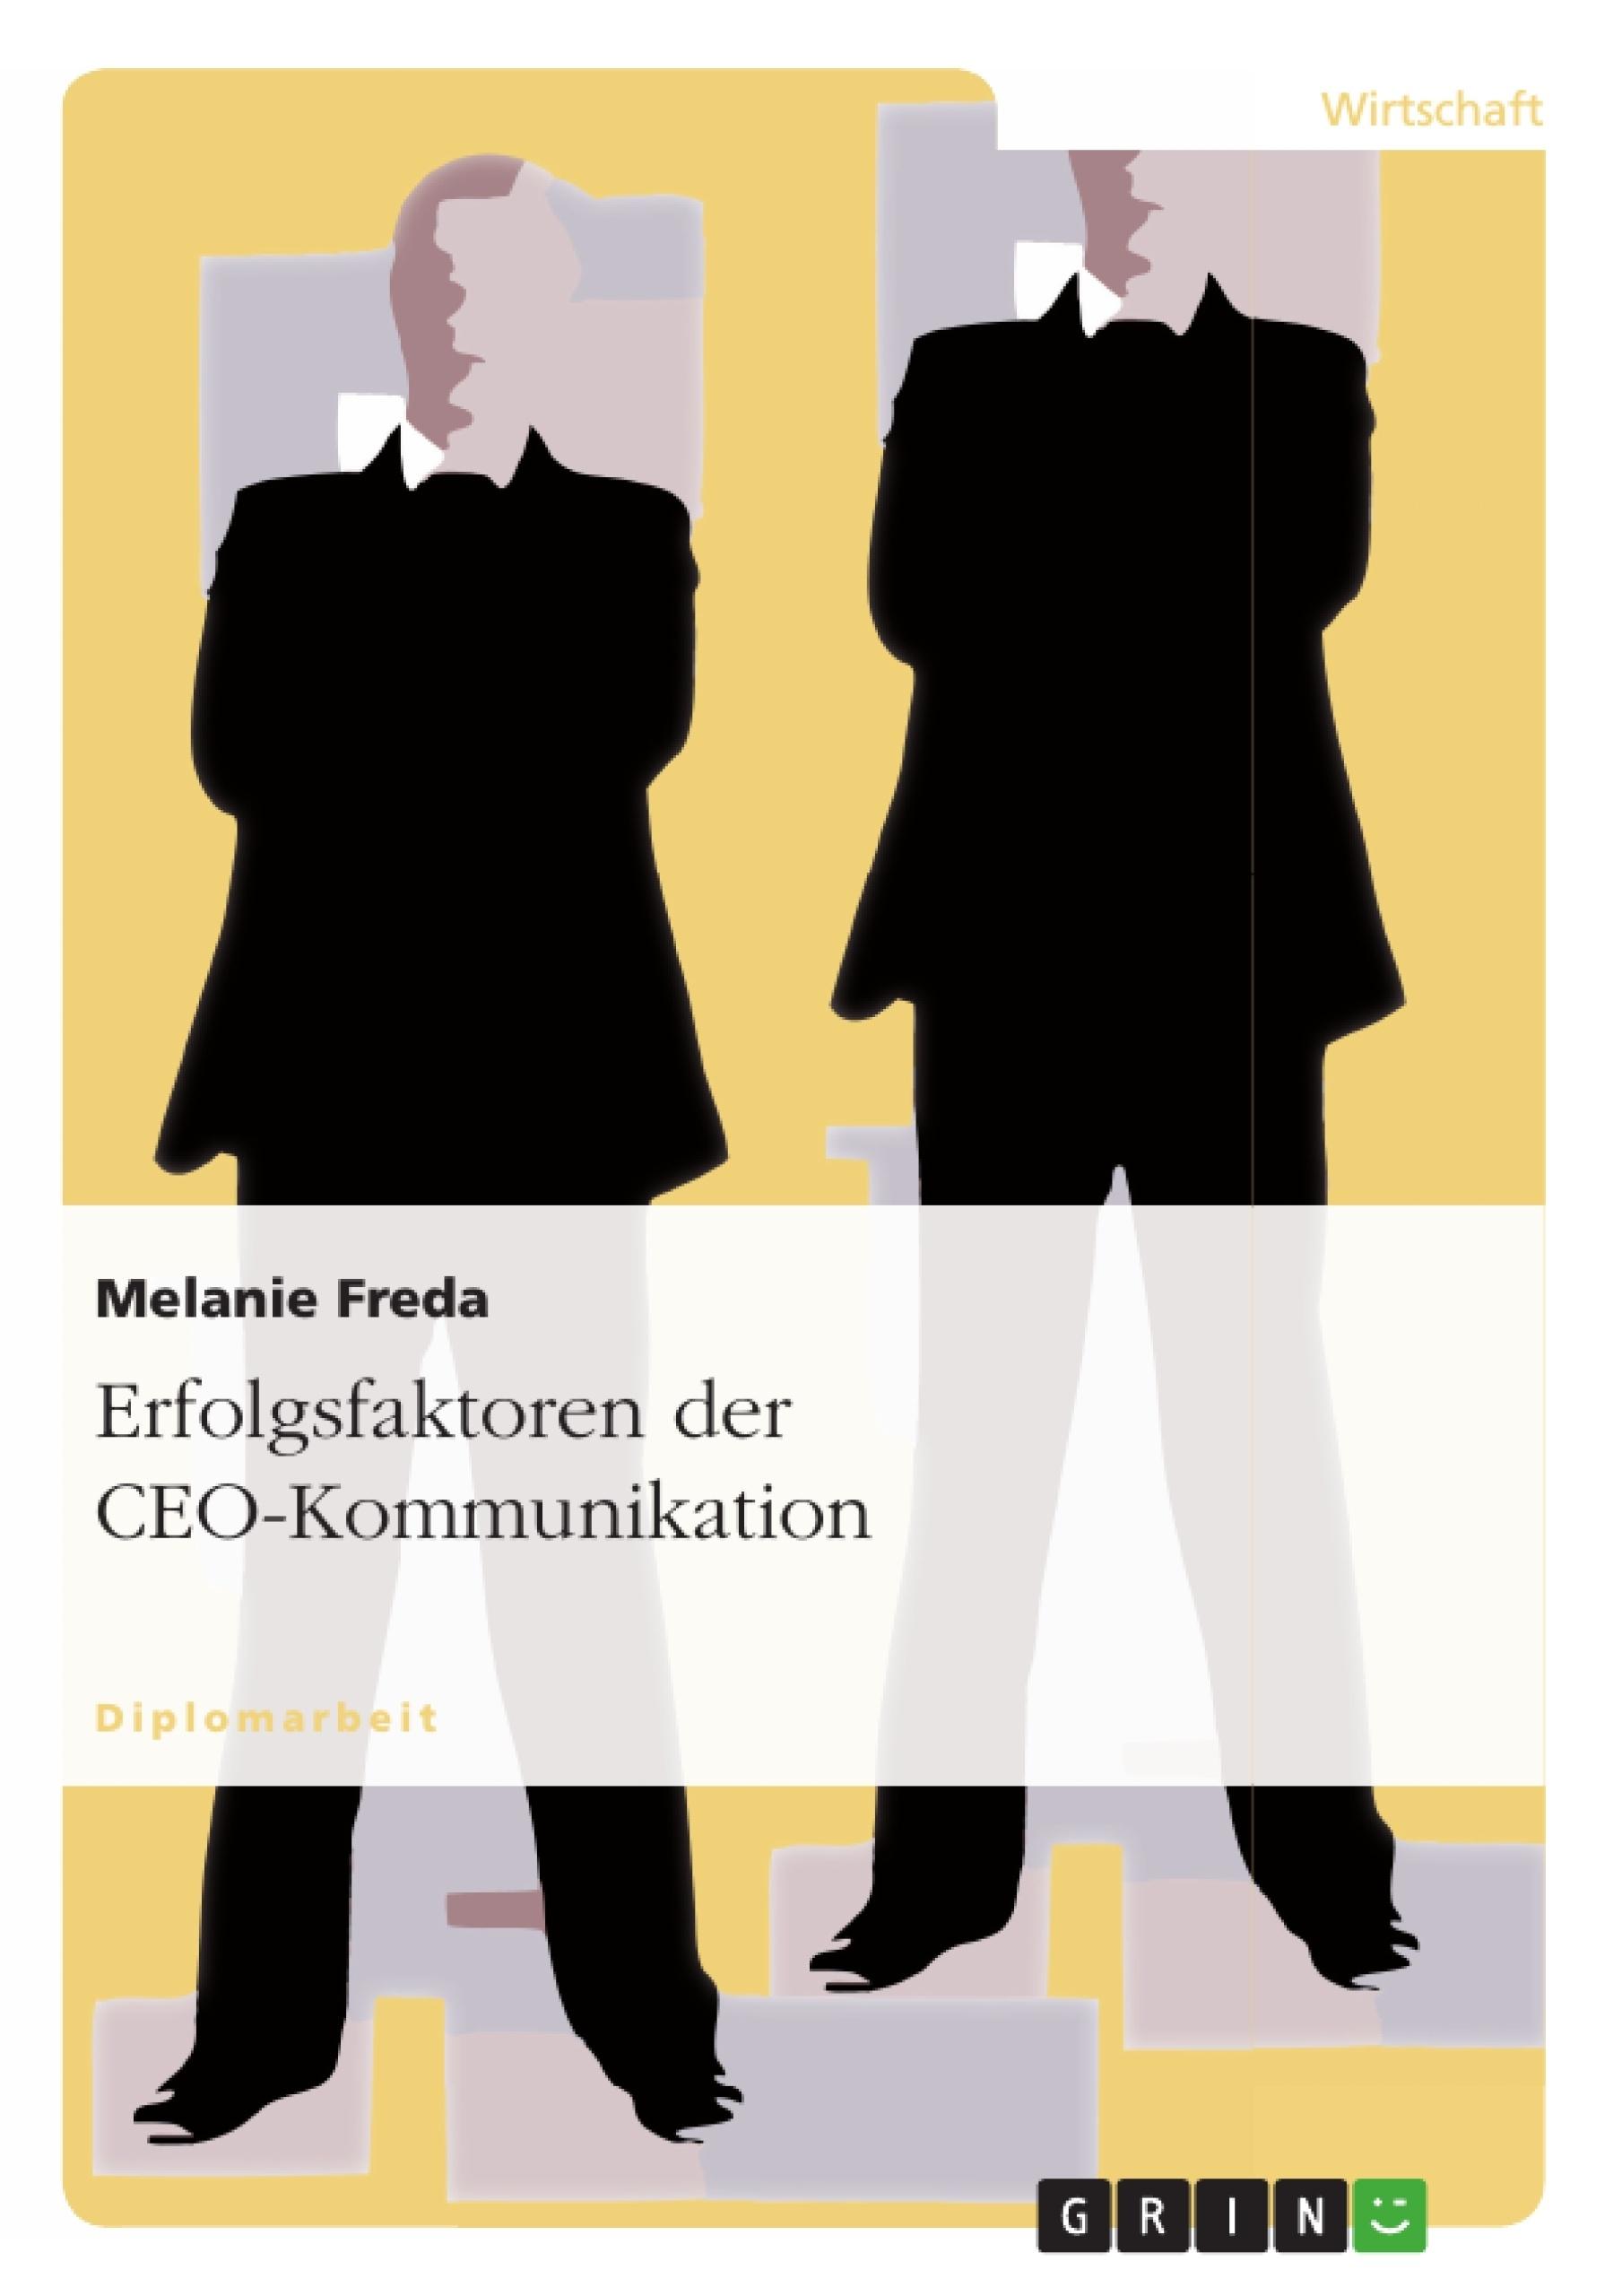 Titel: Erfolgsfaktoren der CEO-Kommunikation